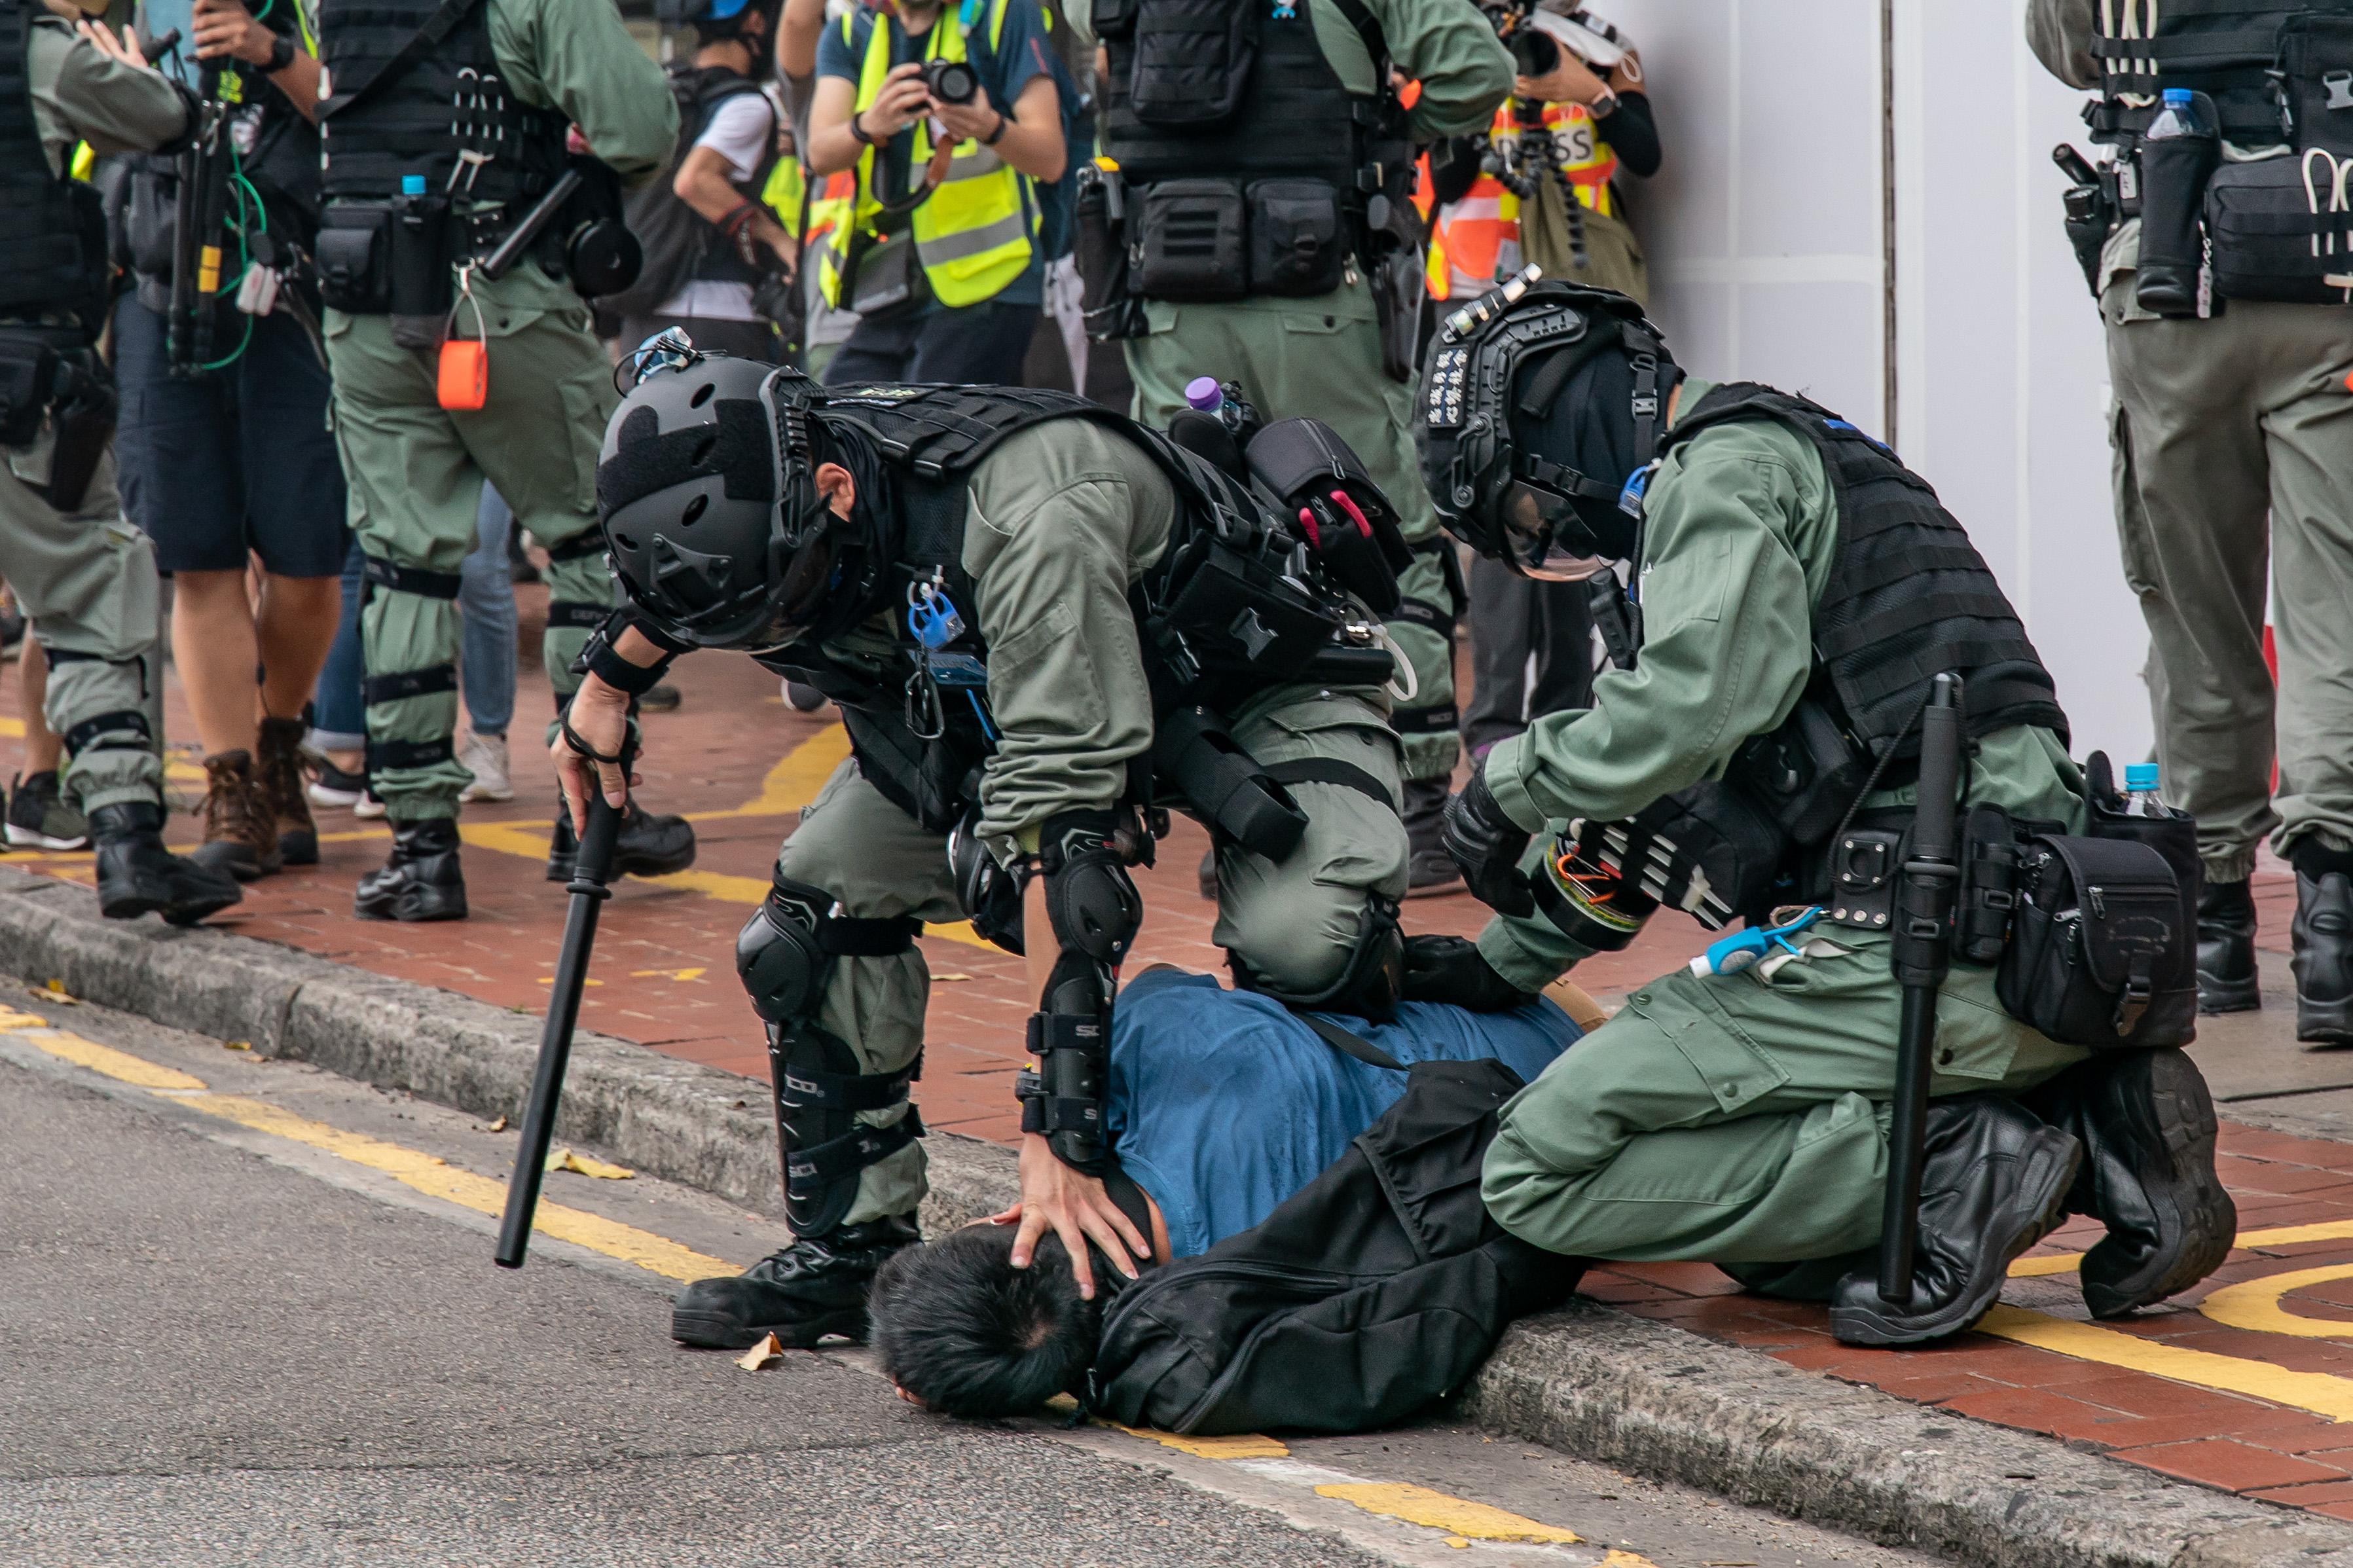 2020年5月24日,港警對民眾施暴。香港民眾承受港警暴力已將近一年,近萬人被野蠻抓捕,沒有警察被起訴 。(Anthony Kwan/Getty Images)